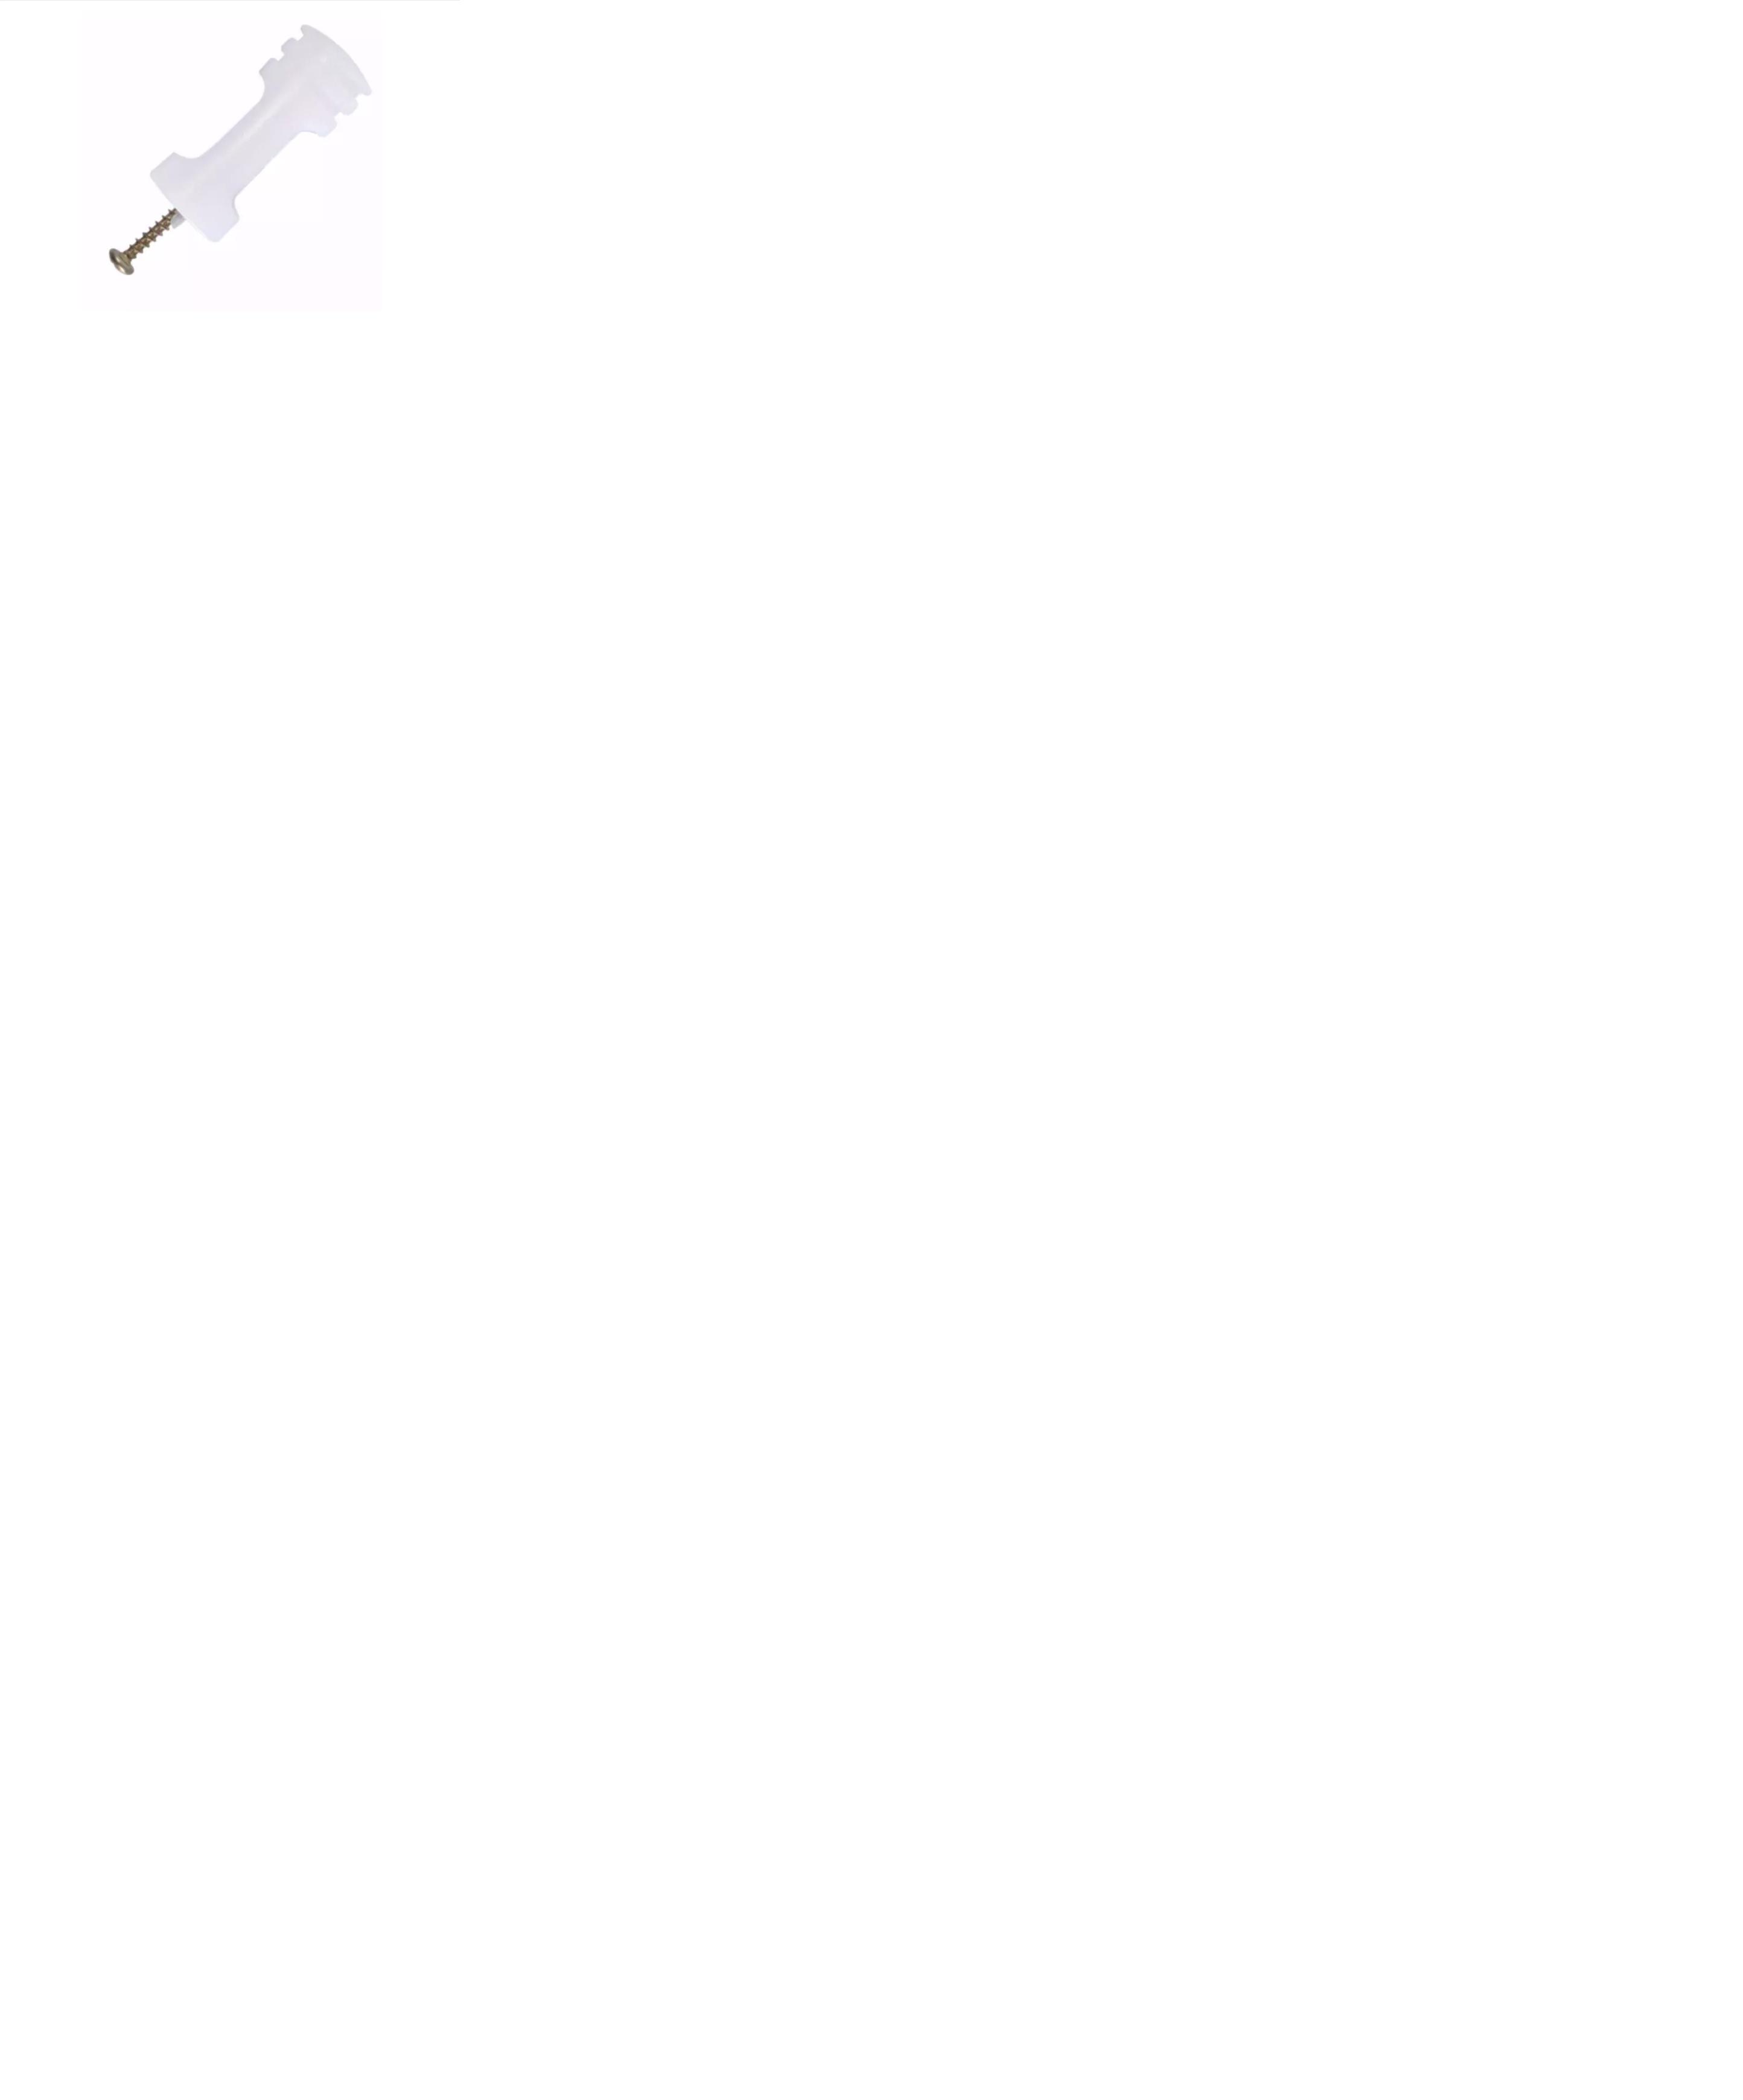 7898989000318 - ISOLADOR COMPATEC BRANCO C/ PORCA PARAFUSO